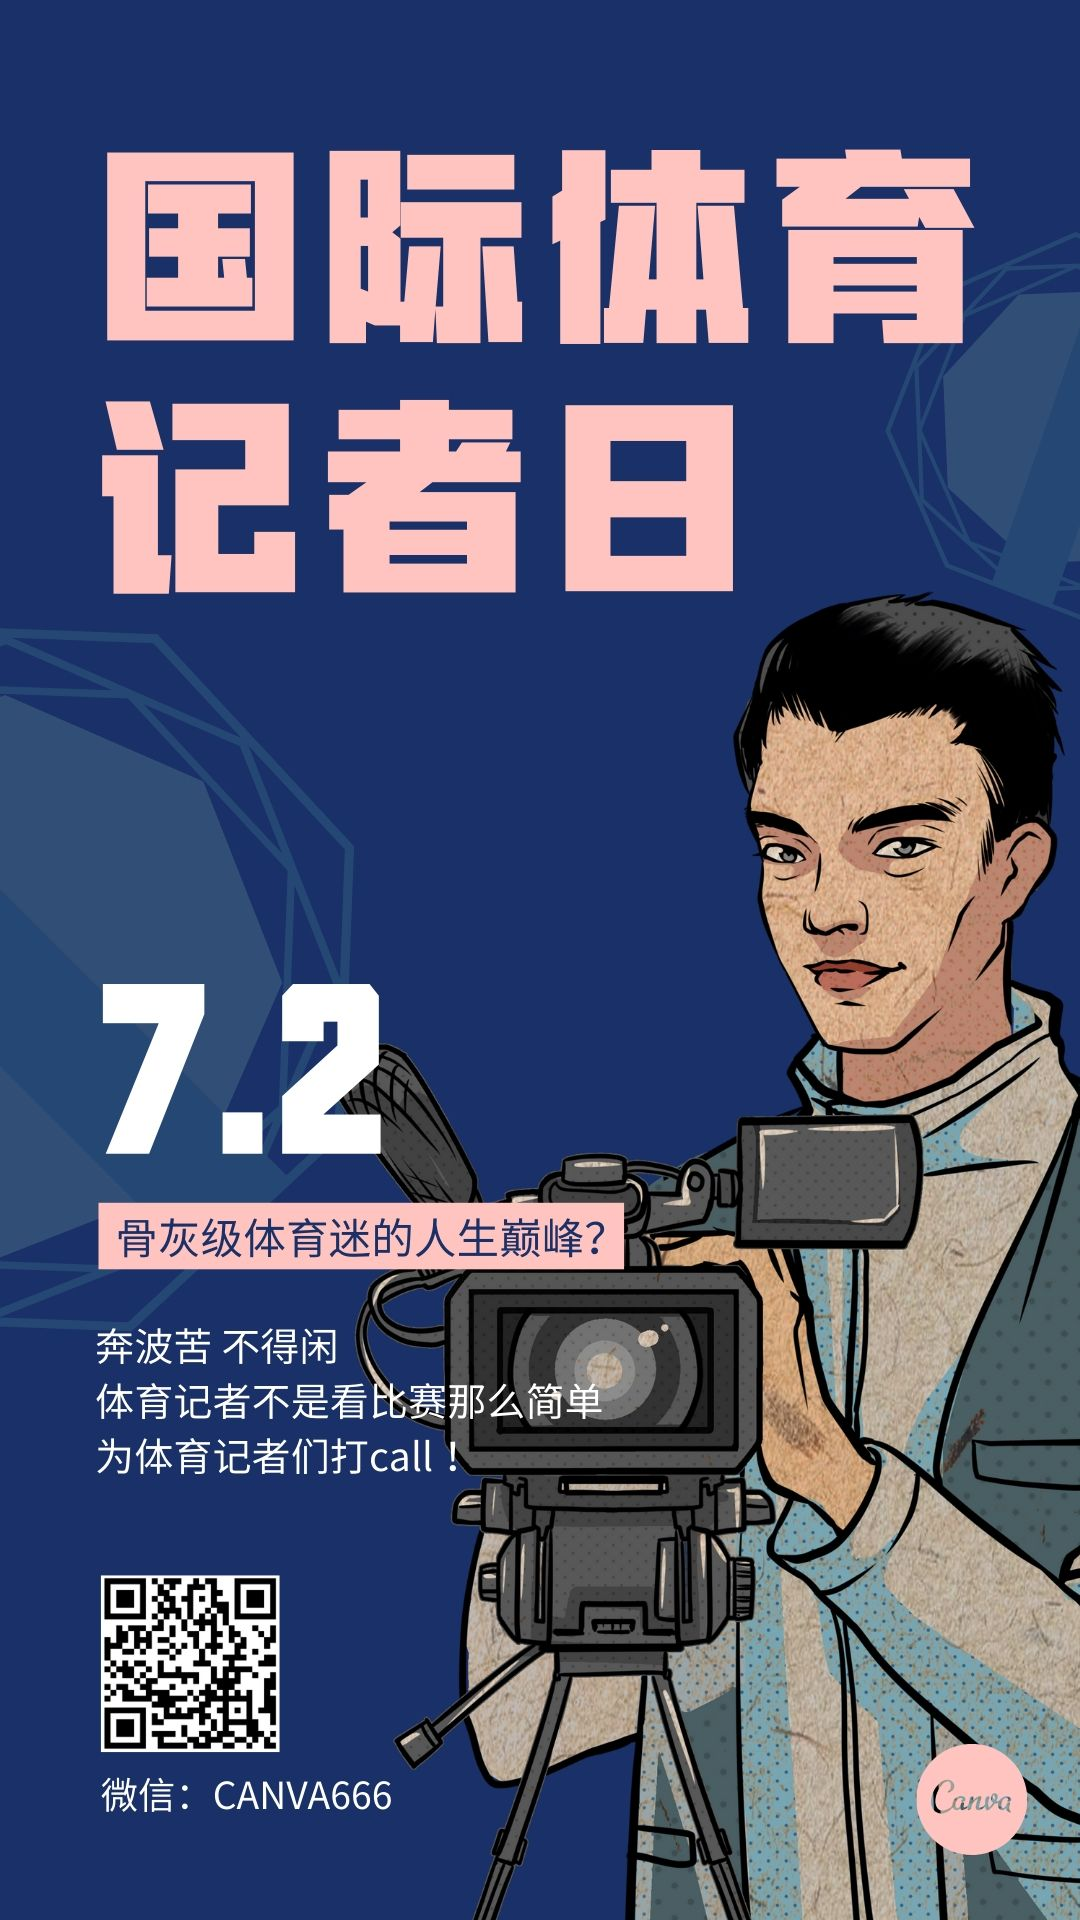 国际体育记者日手机海报